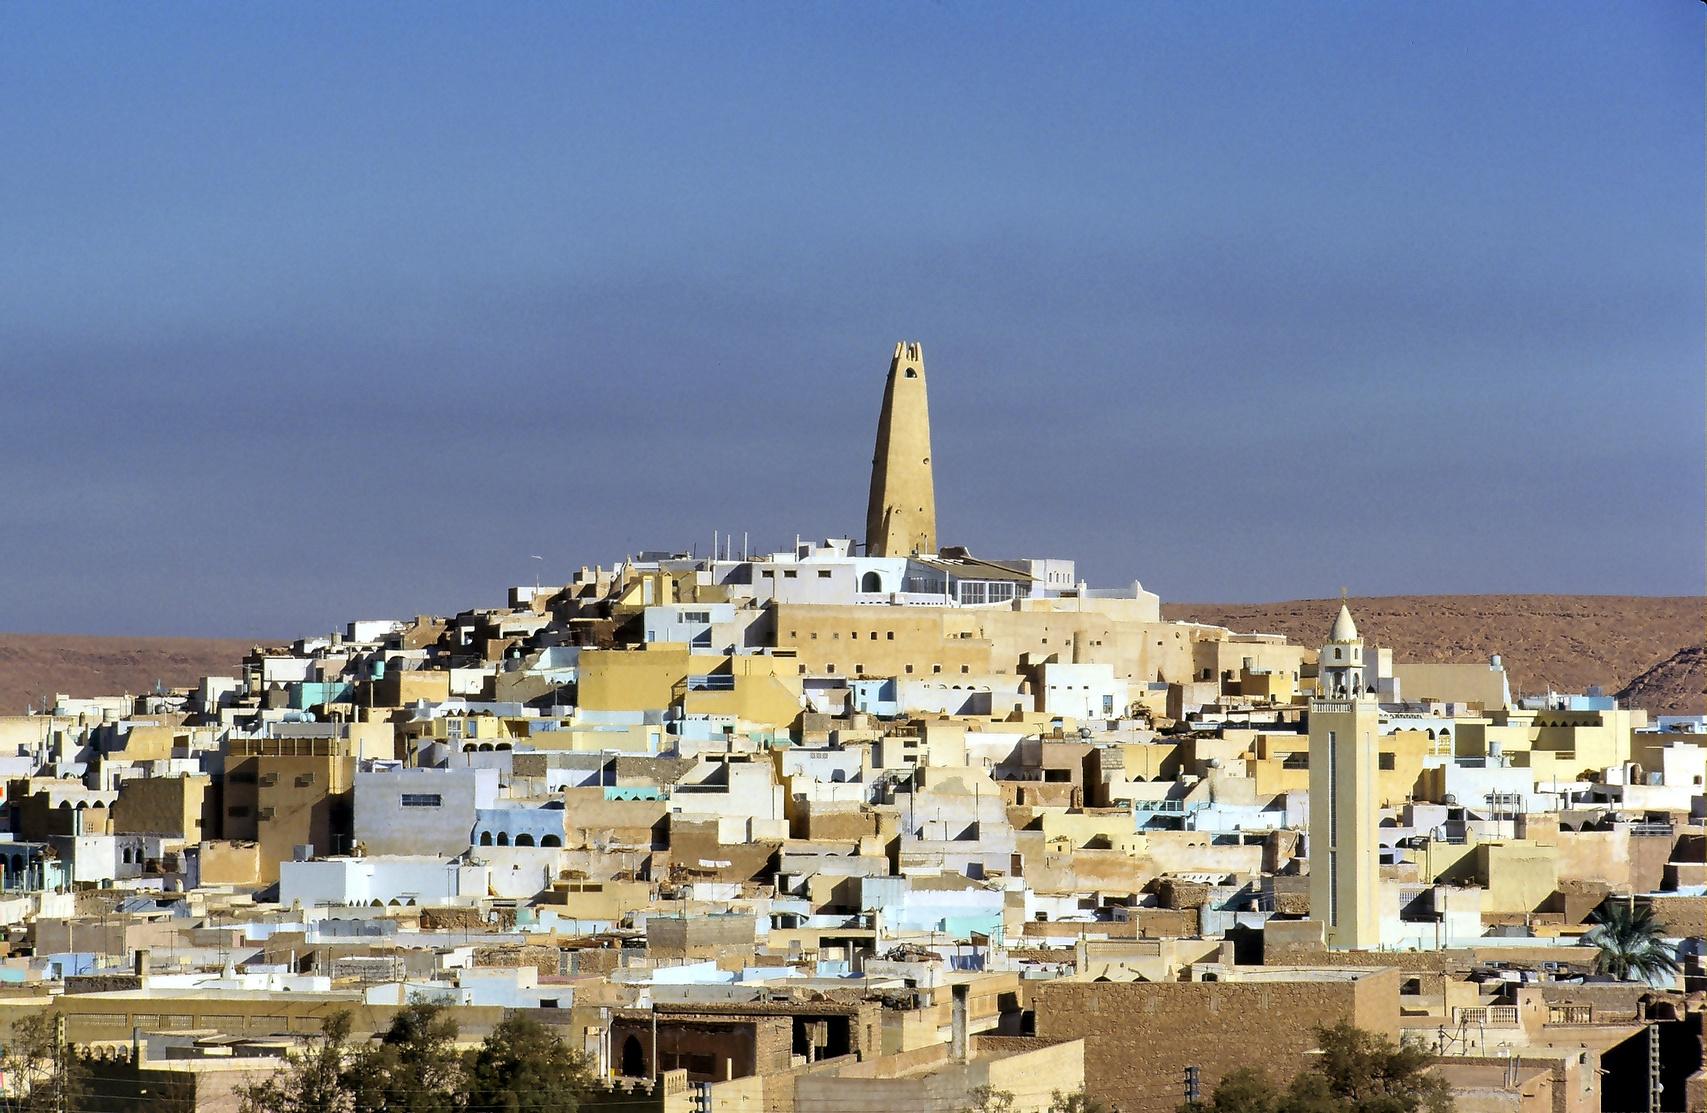 Visiter le Sahara en Algérie